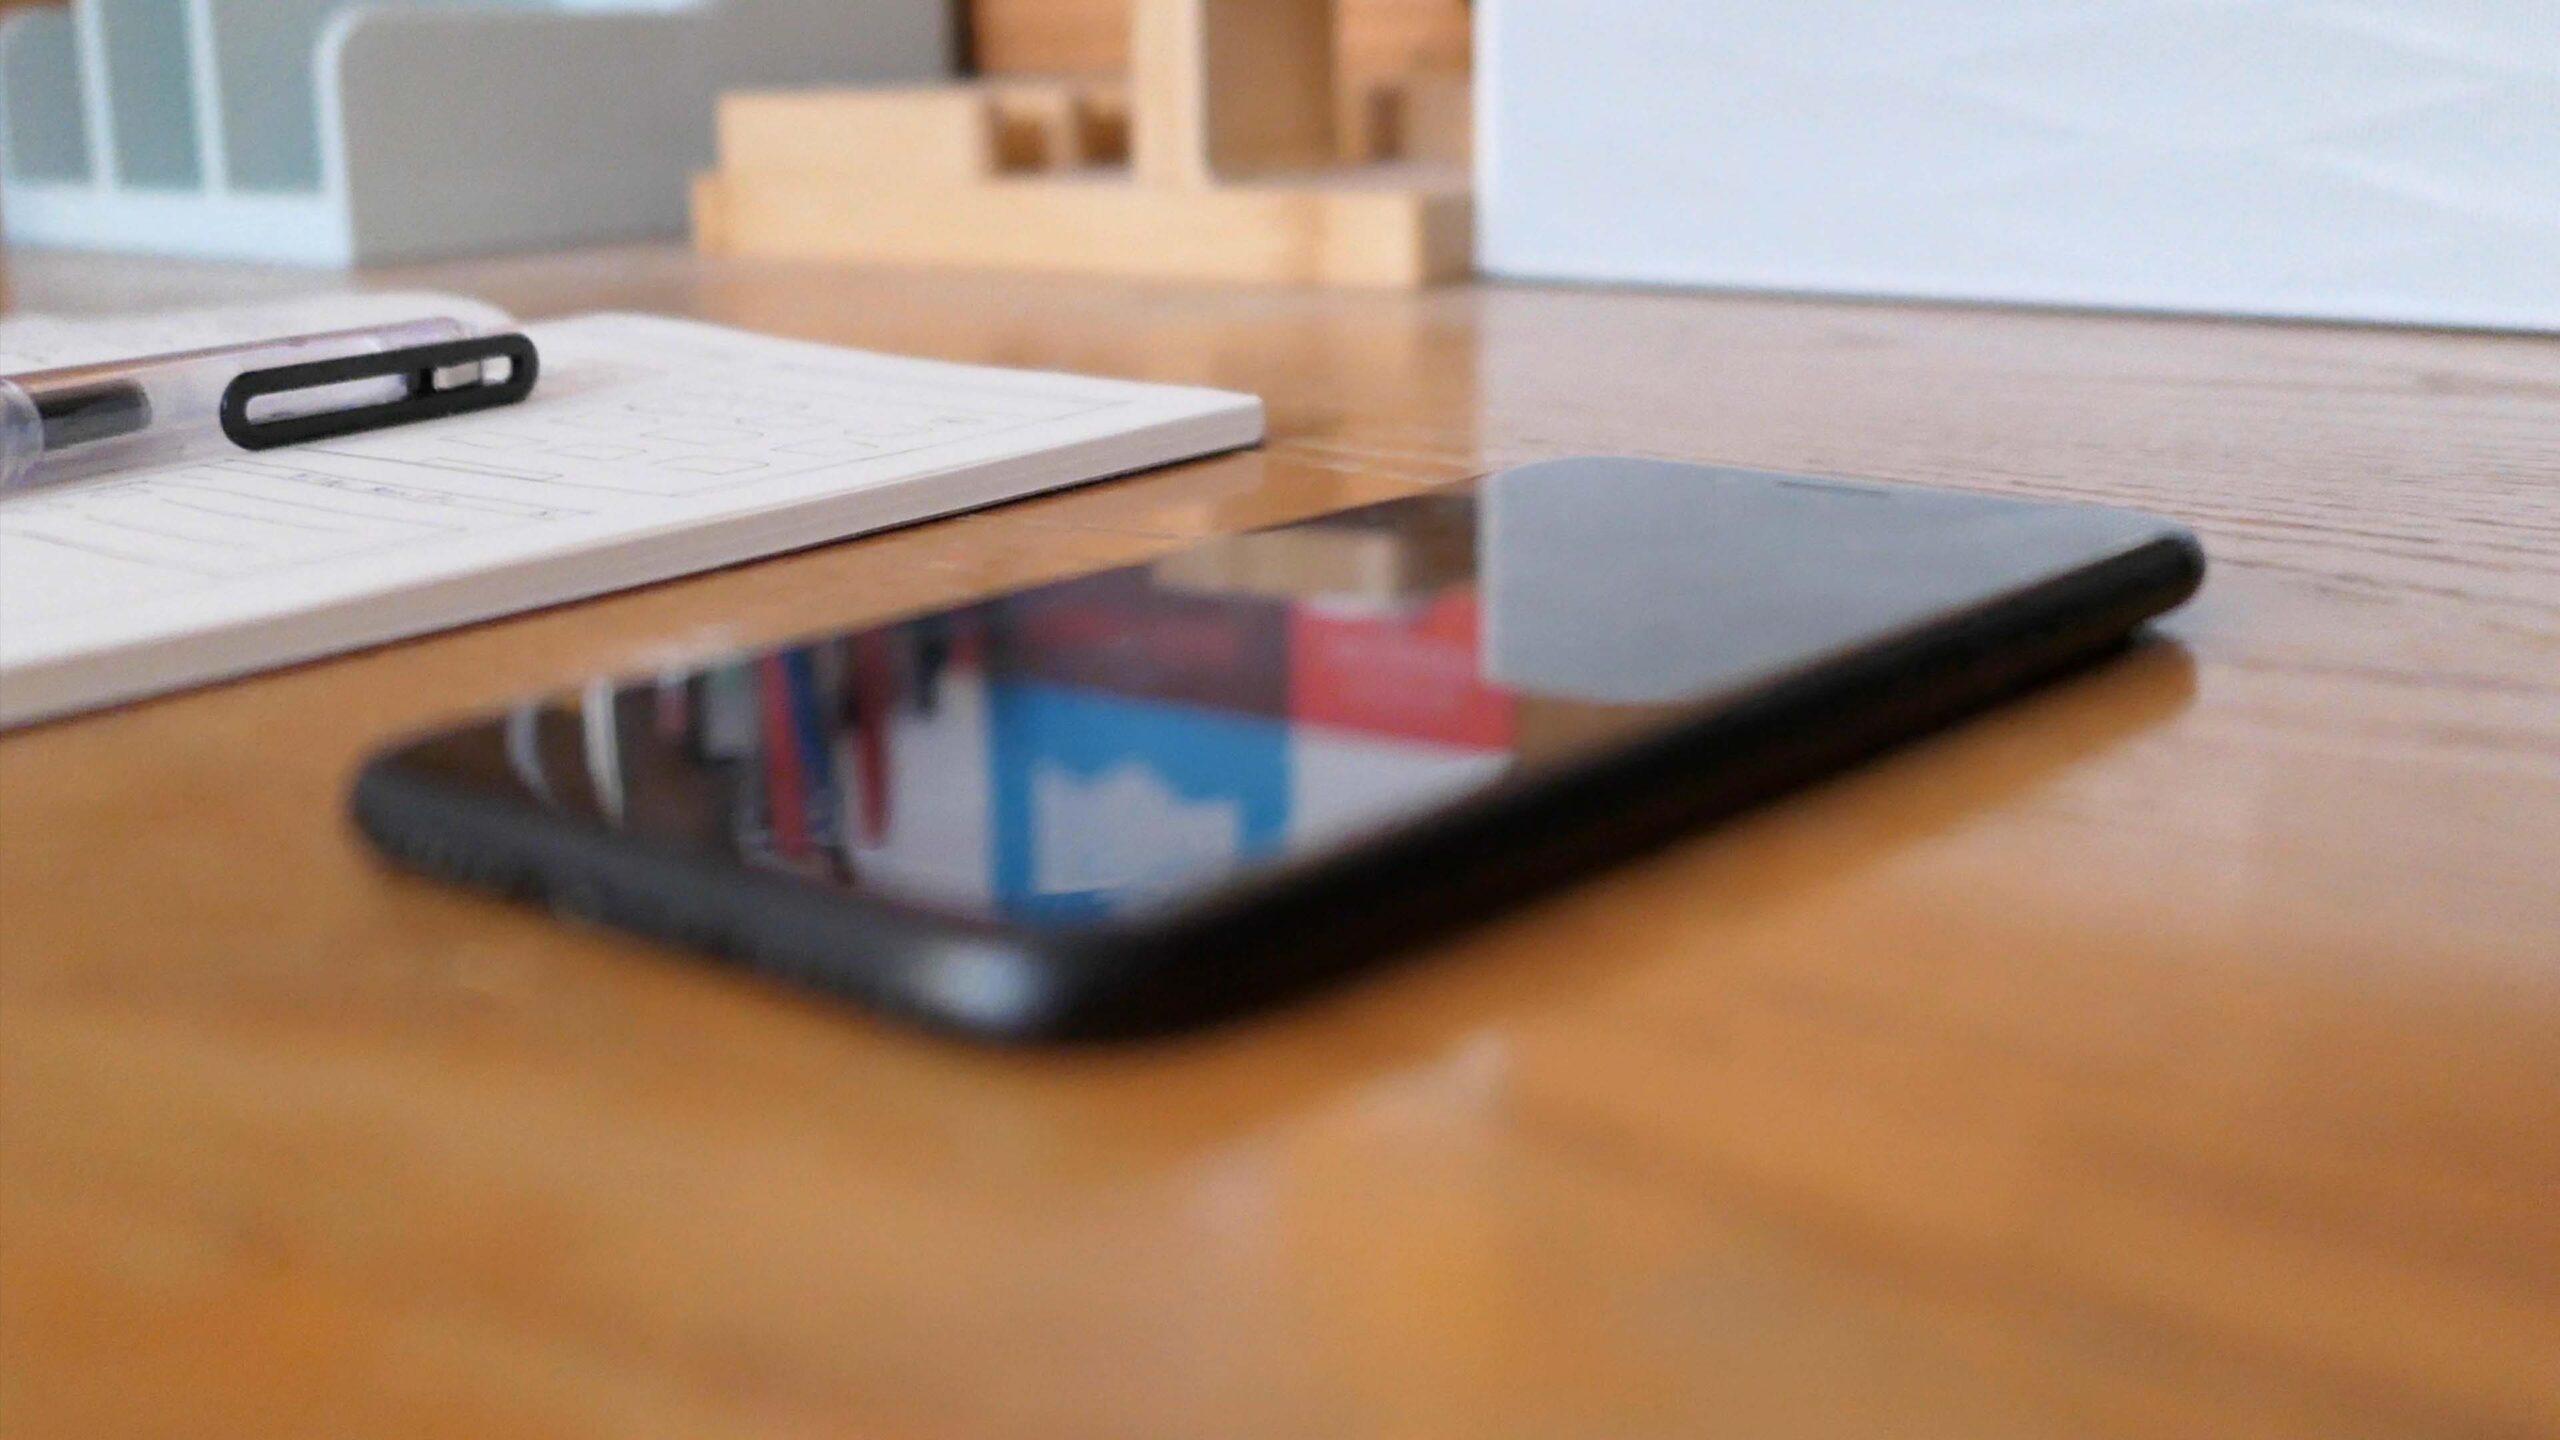 Desk in Focus